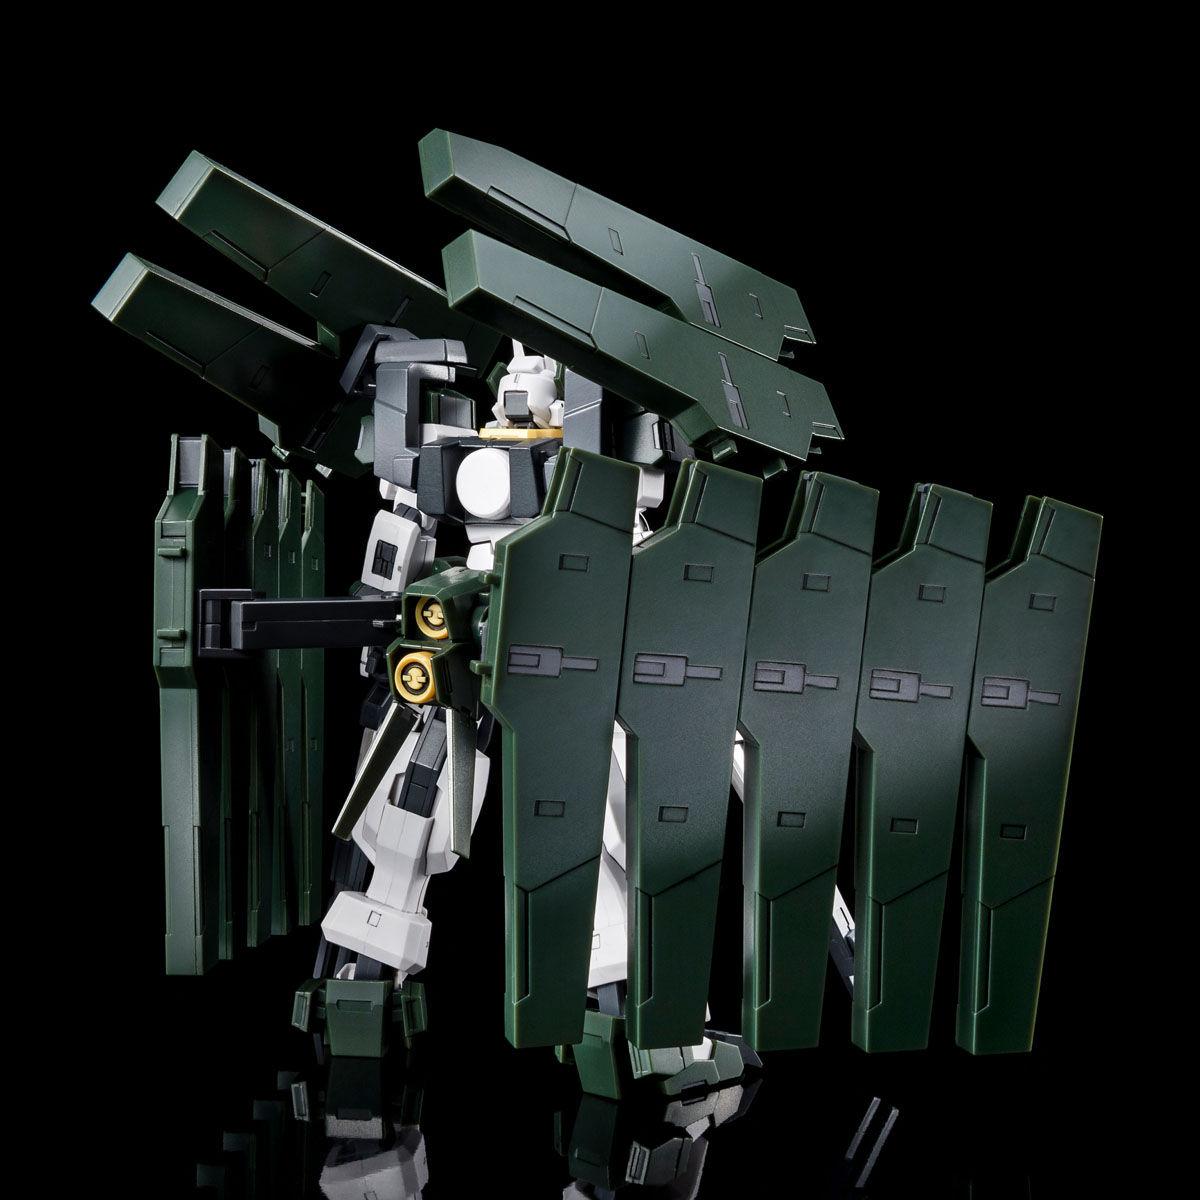 【限定販売】HG 1/144『ガンダムサバーニャ(最終決戦仕様)』ガンダム00 プラモデル-003